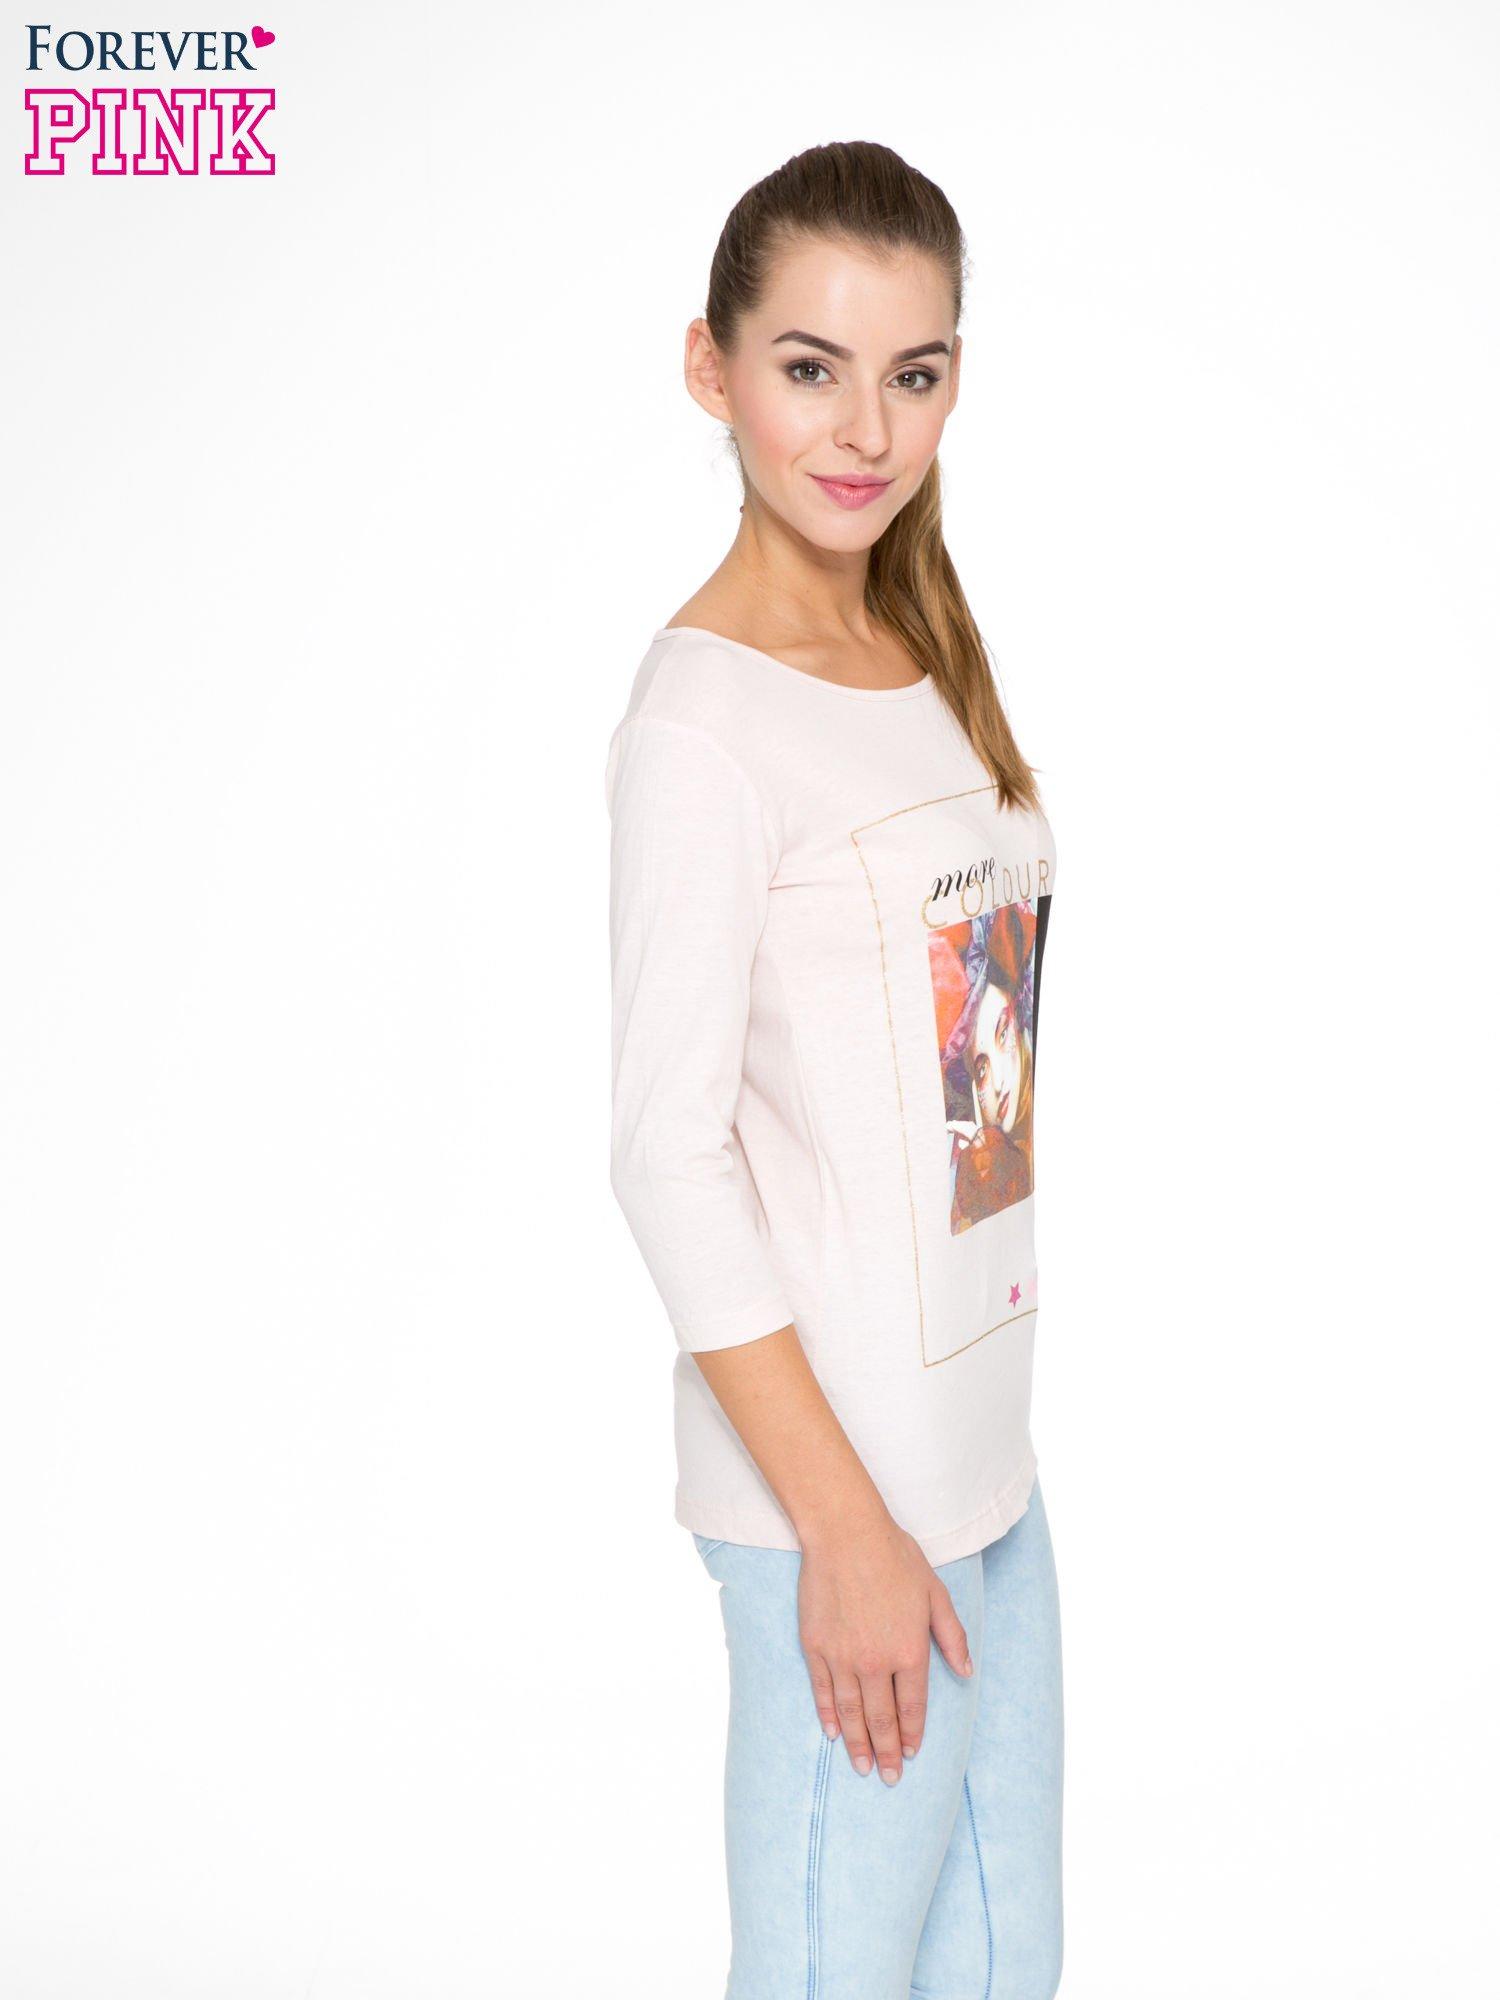 Jasnoróżowa bluzka z nadrukiem fashion i napisem MORE COLOUR                                  zdj.                                  3